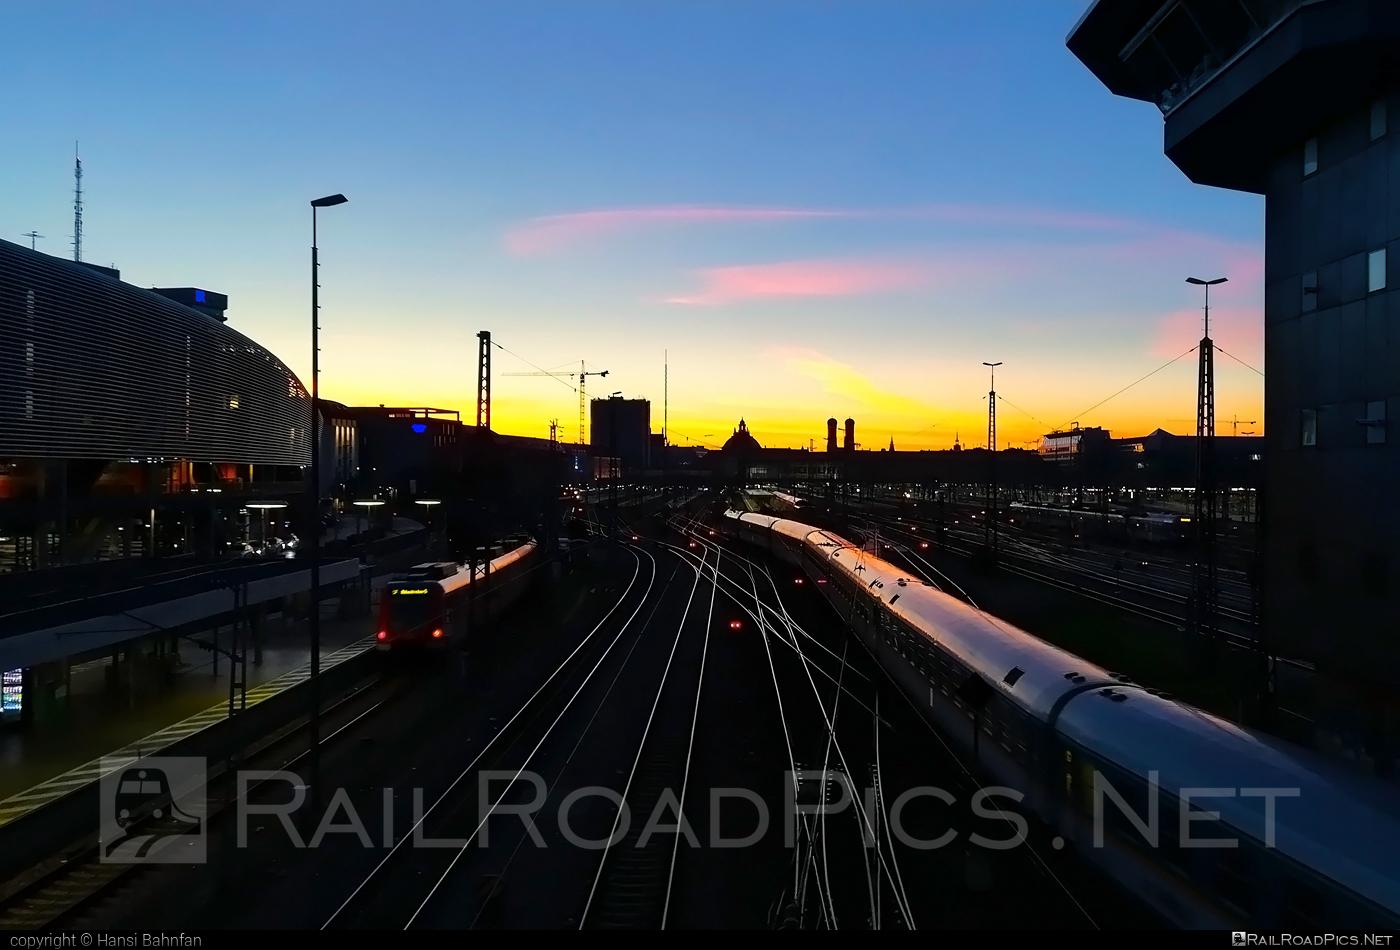 München Hauptbahnhof location overview #munichcentralstation #münchenhauptbahnhof #sunrise